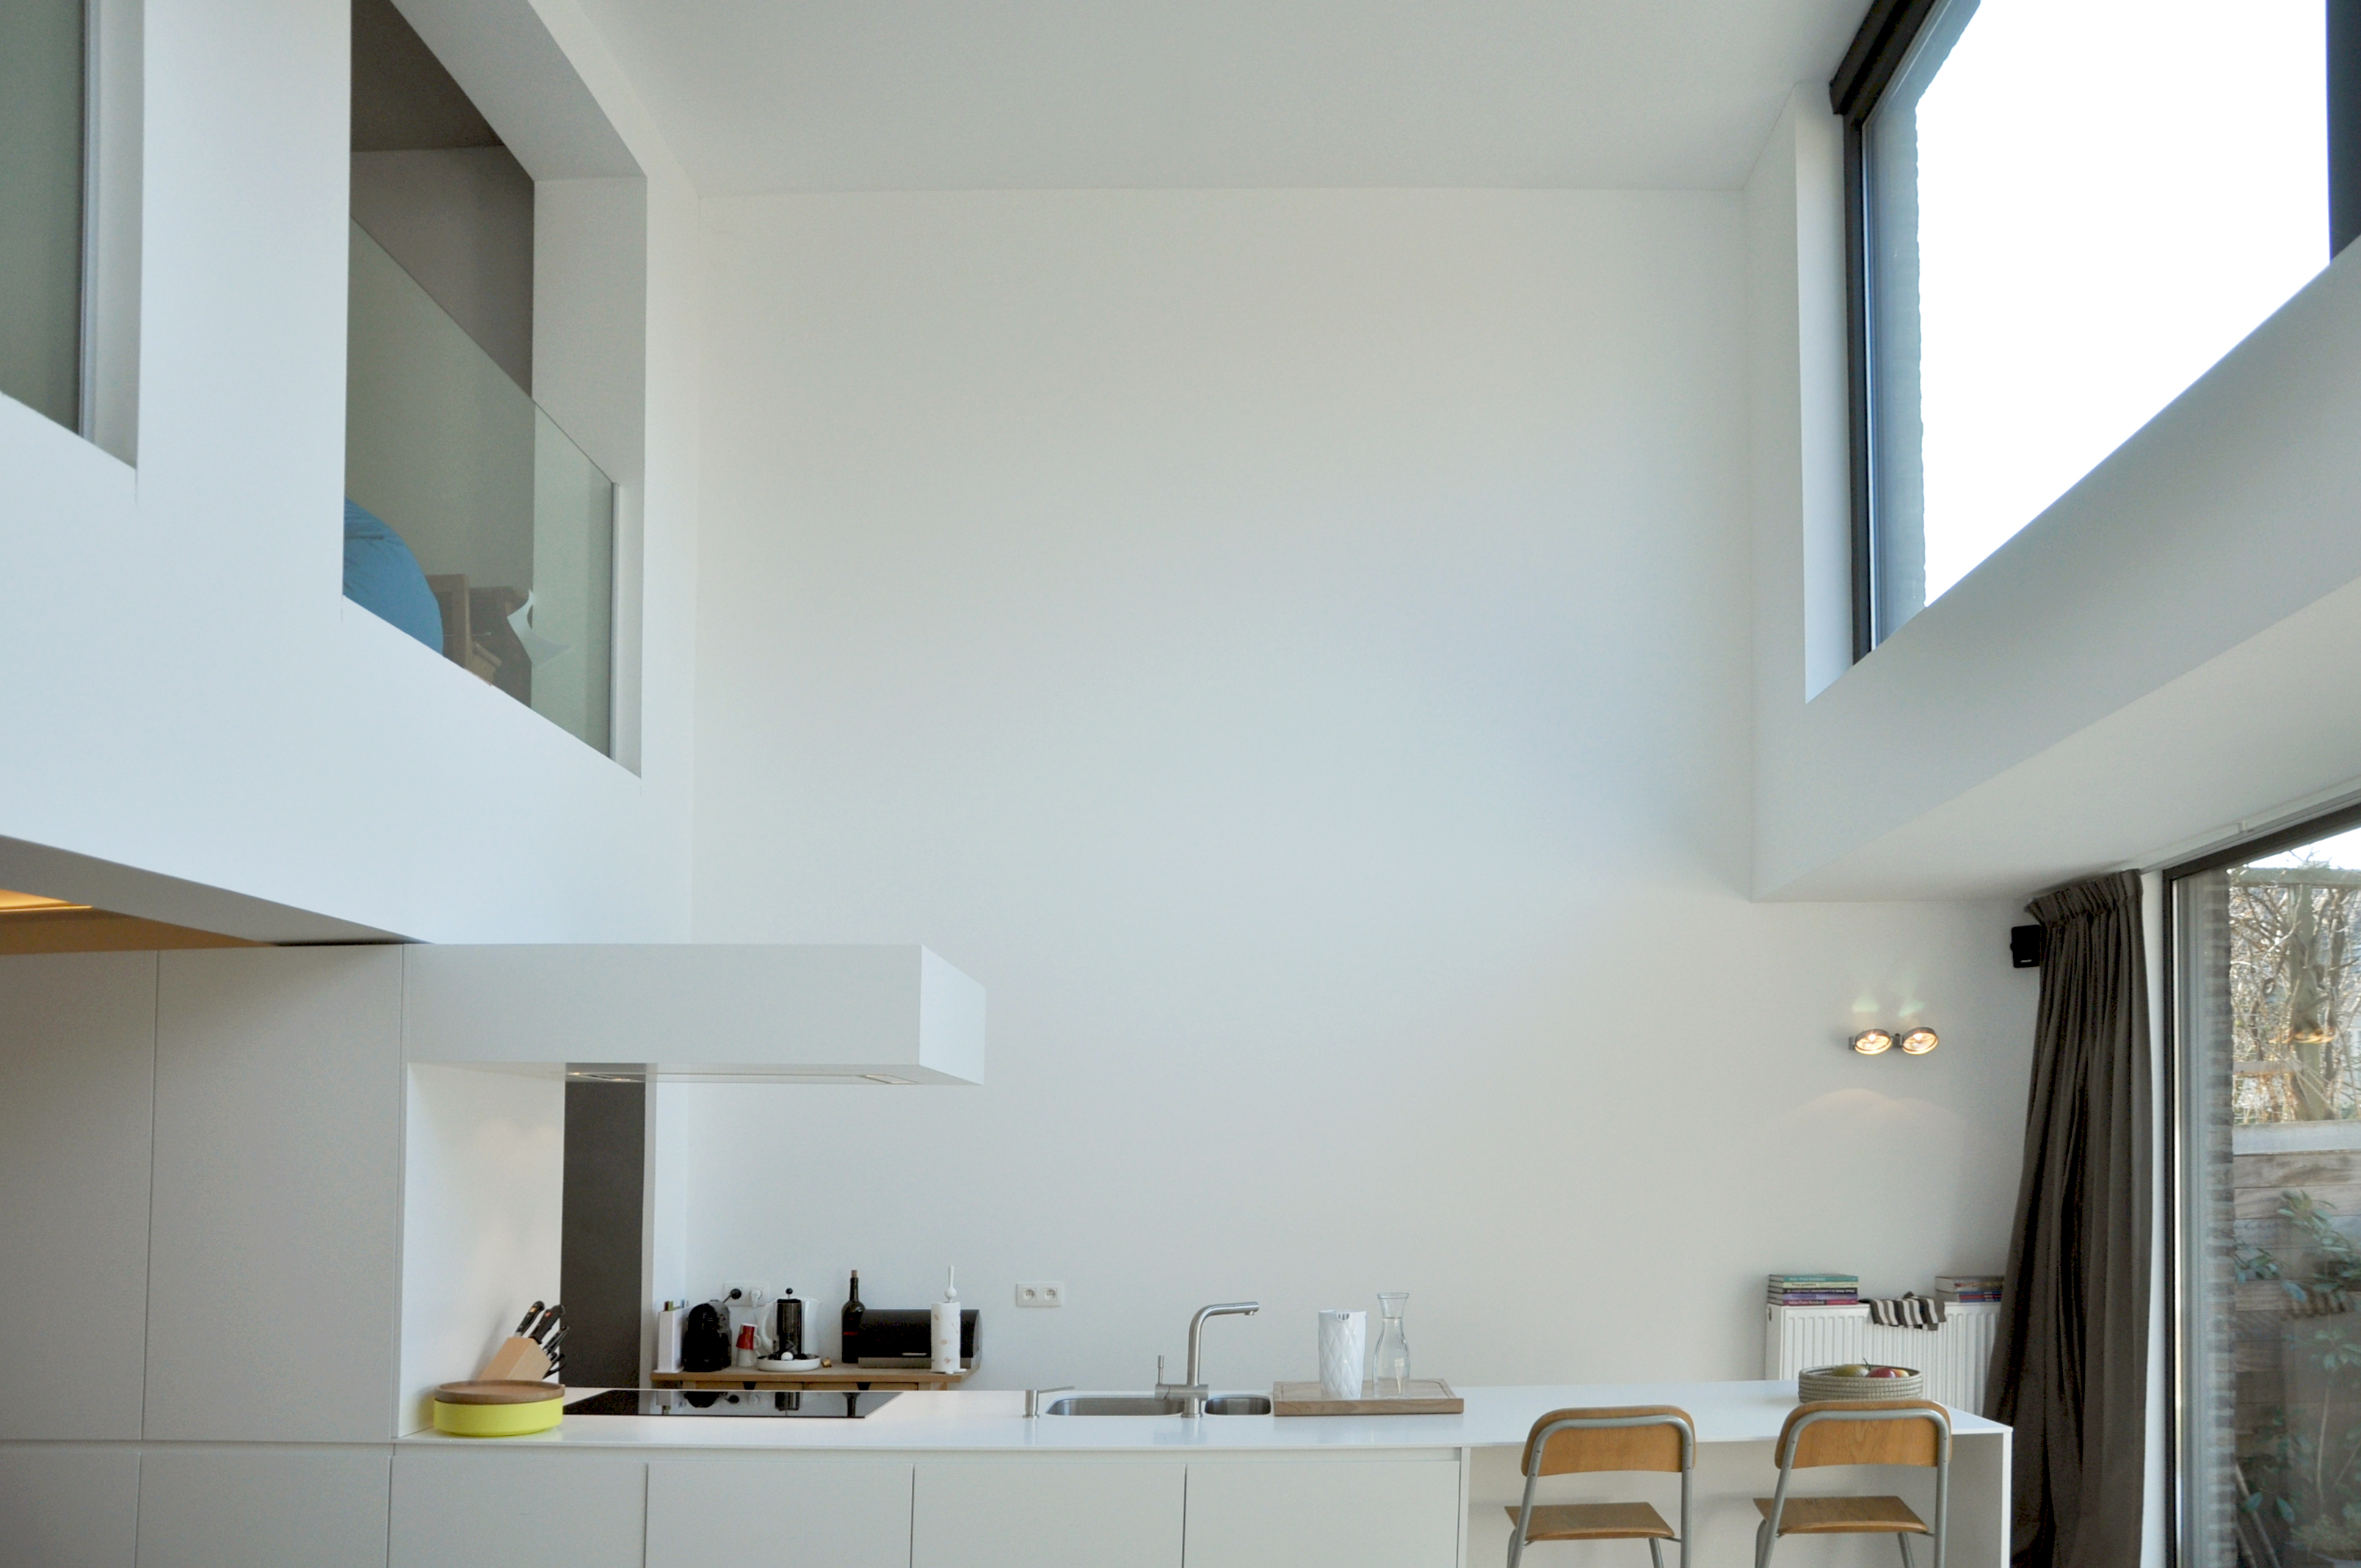 Bel etage dam architectendam architecten - Ouderlijke badkamer ...